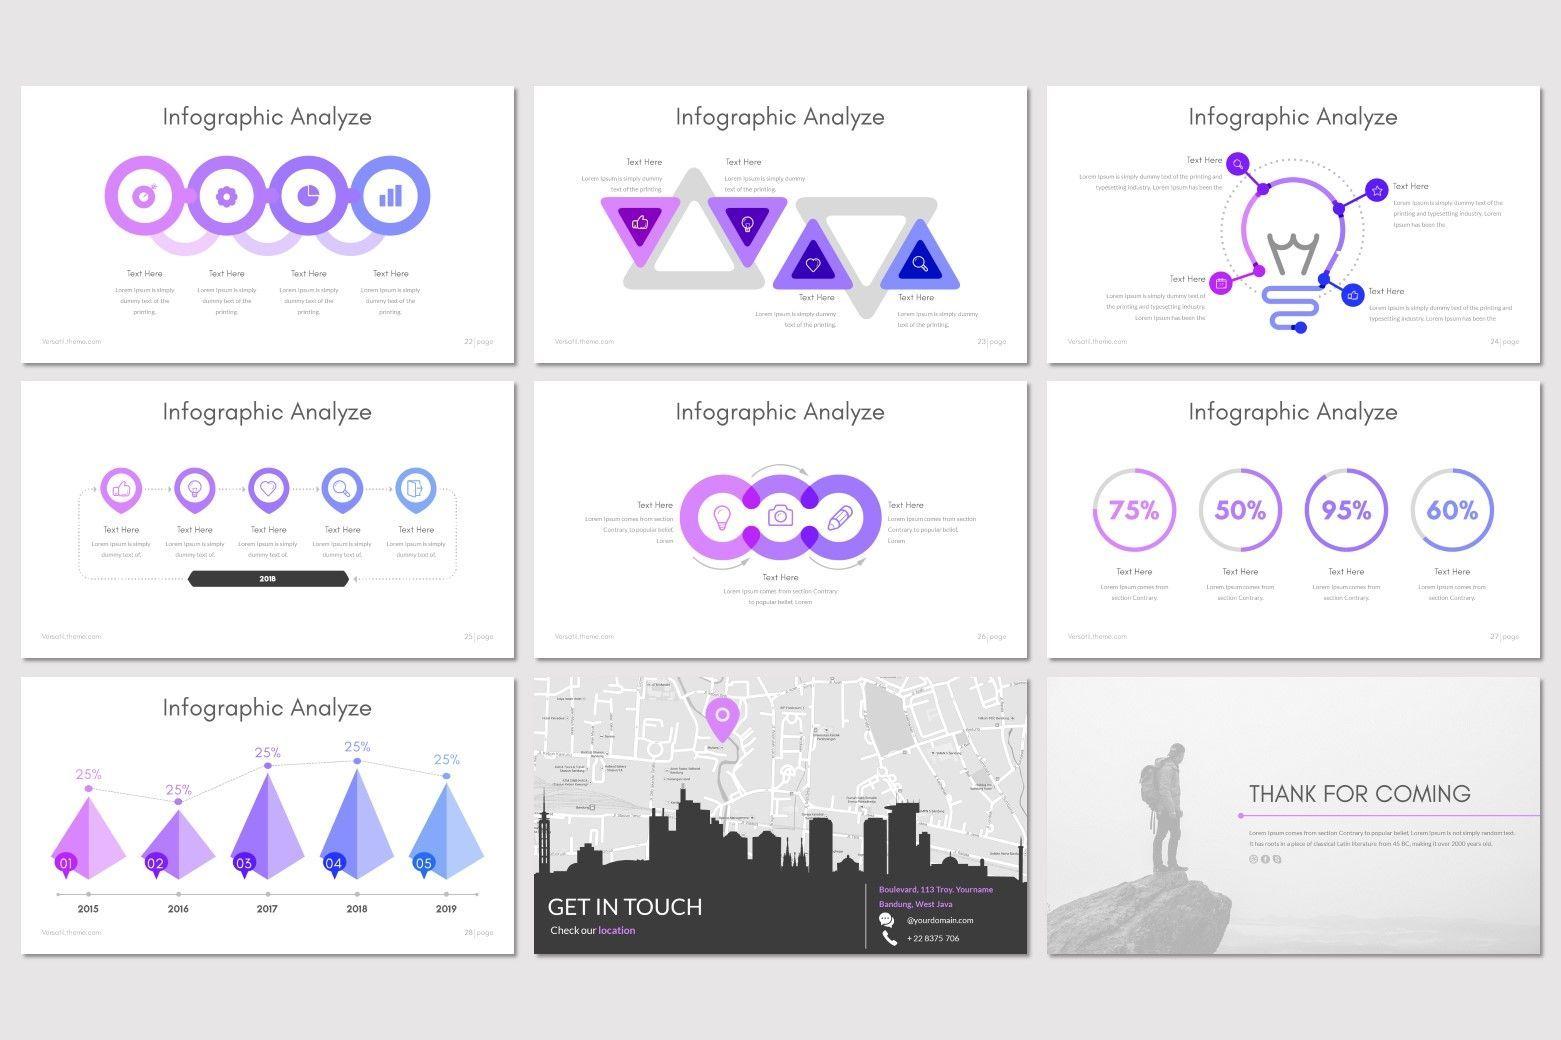 Versatil - PowerPoint Template, Slide 5, 08283, Presentation Templates — PoweredTemplate.com